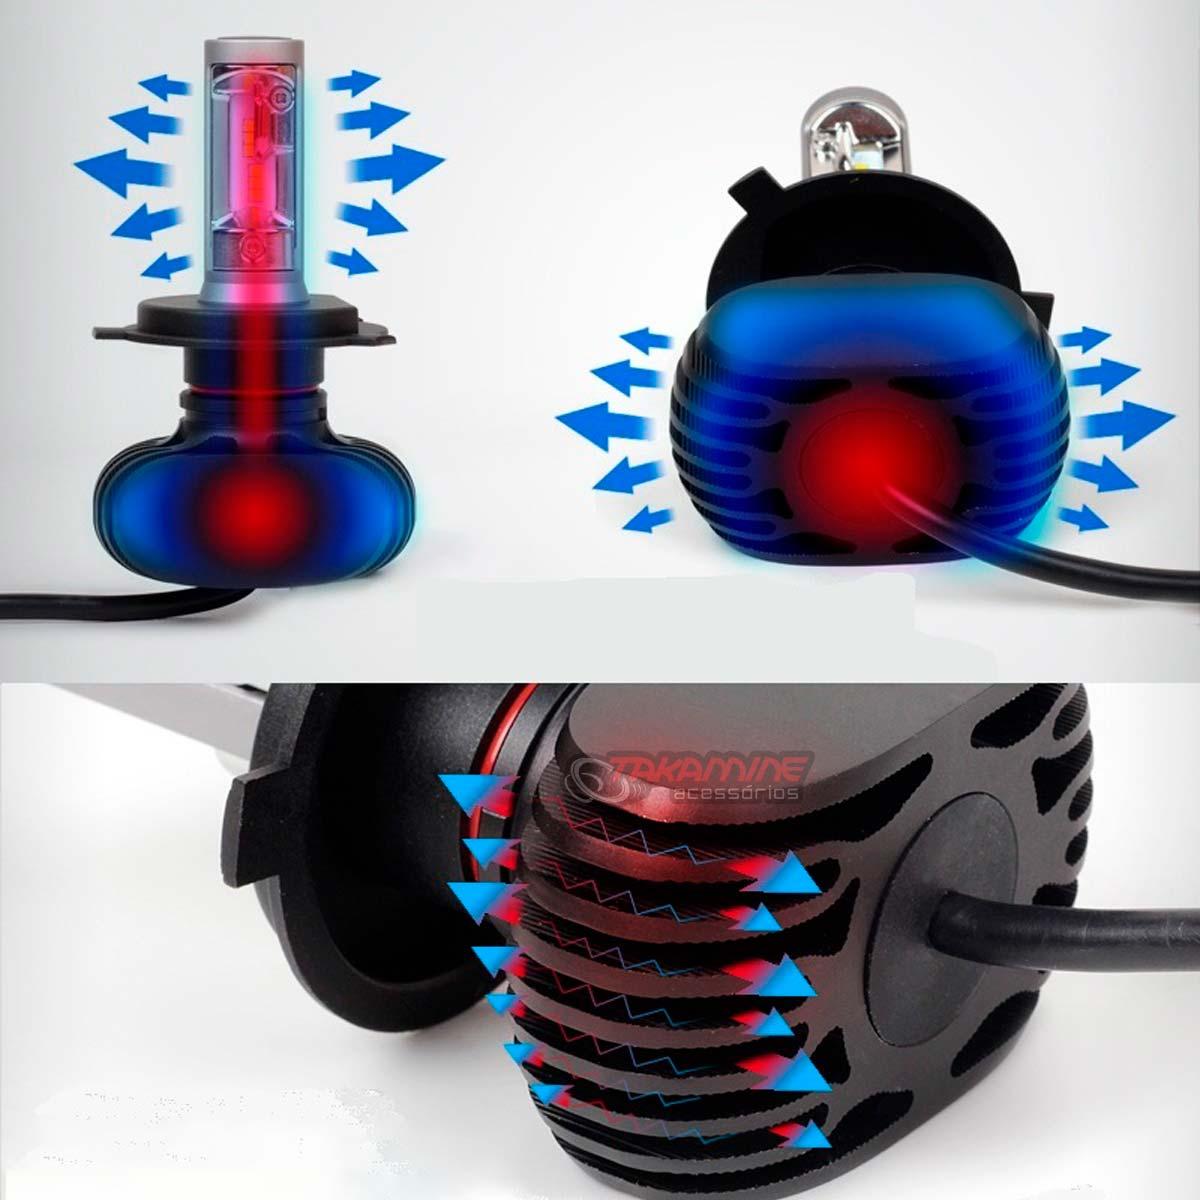 Kit Ultra LED Jetta 2007 2008 2009 2010 2011 2012 2013 2014 tipo xenon farol de milha HB4 50W